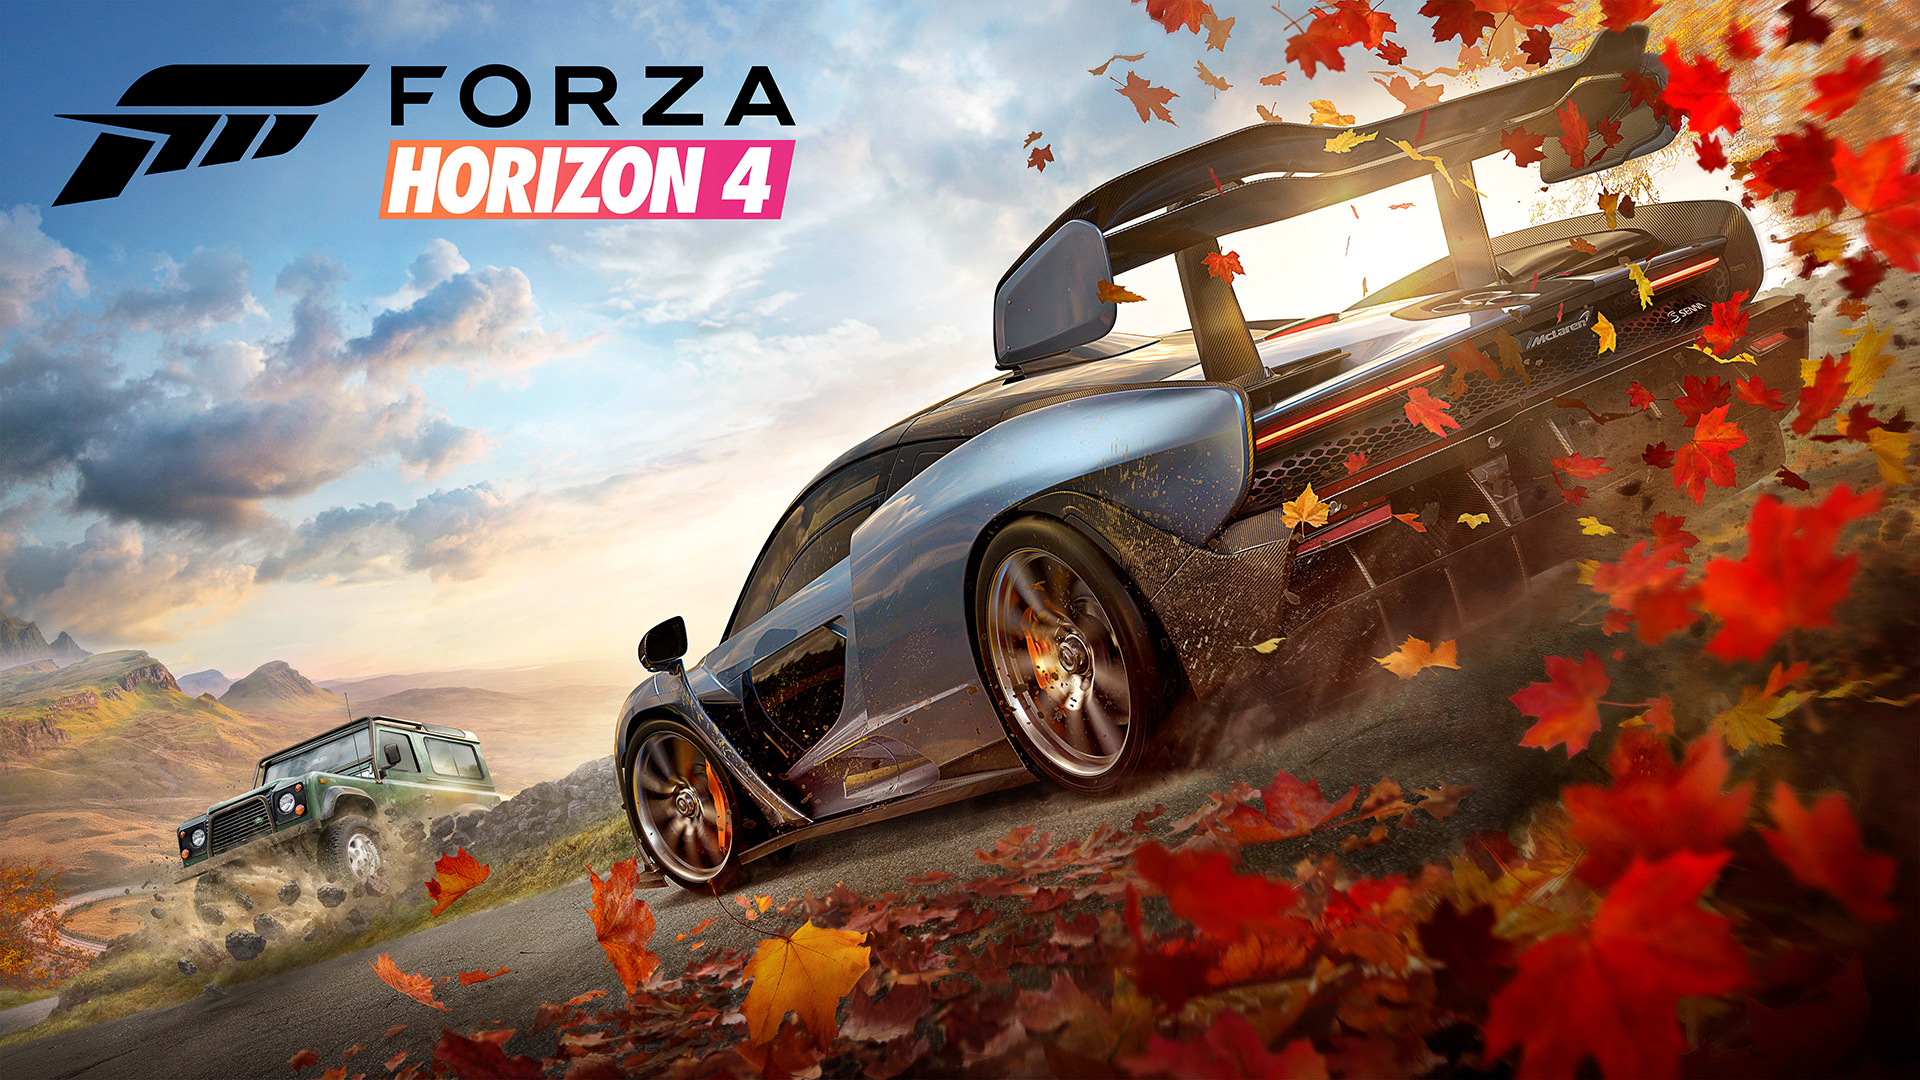 ForzaHorizon4_Review_01.jpg